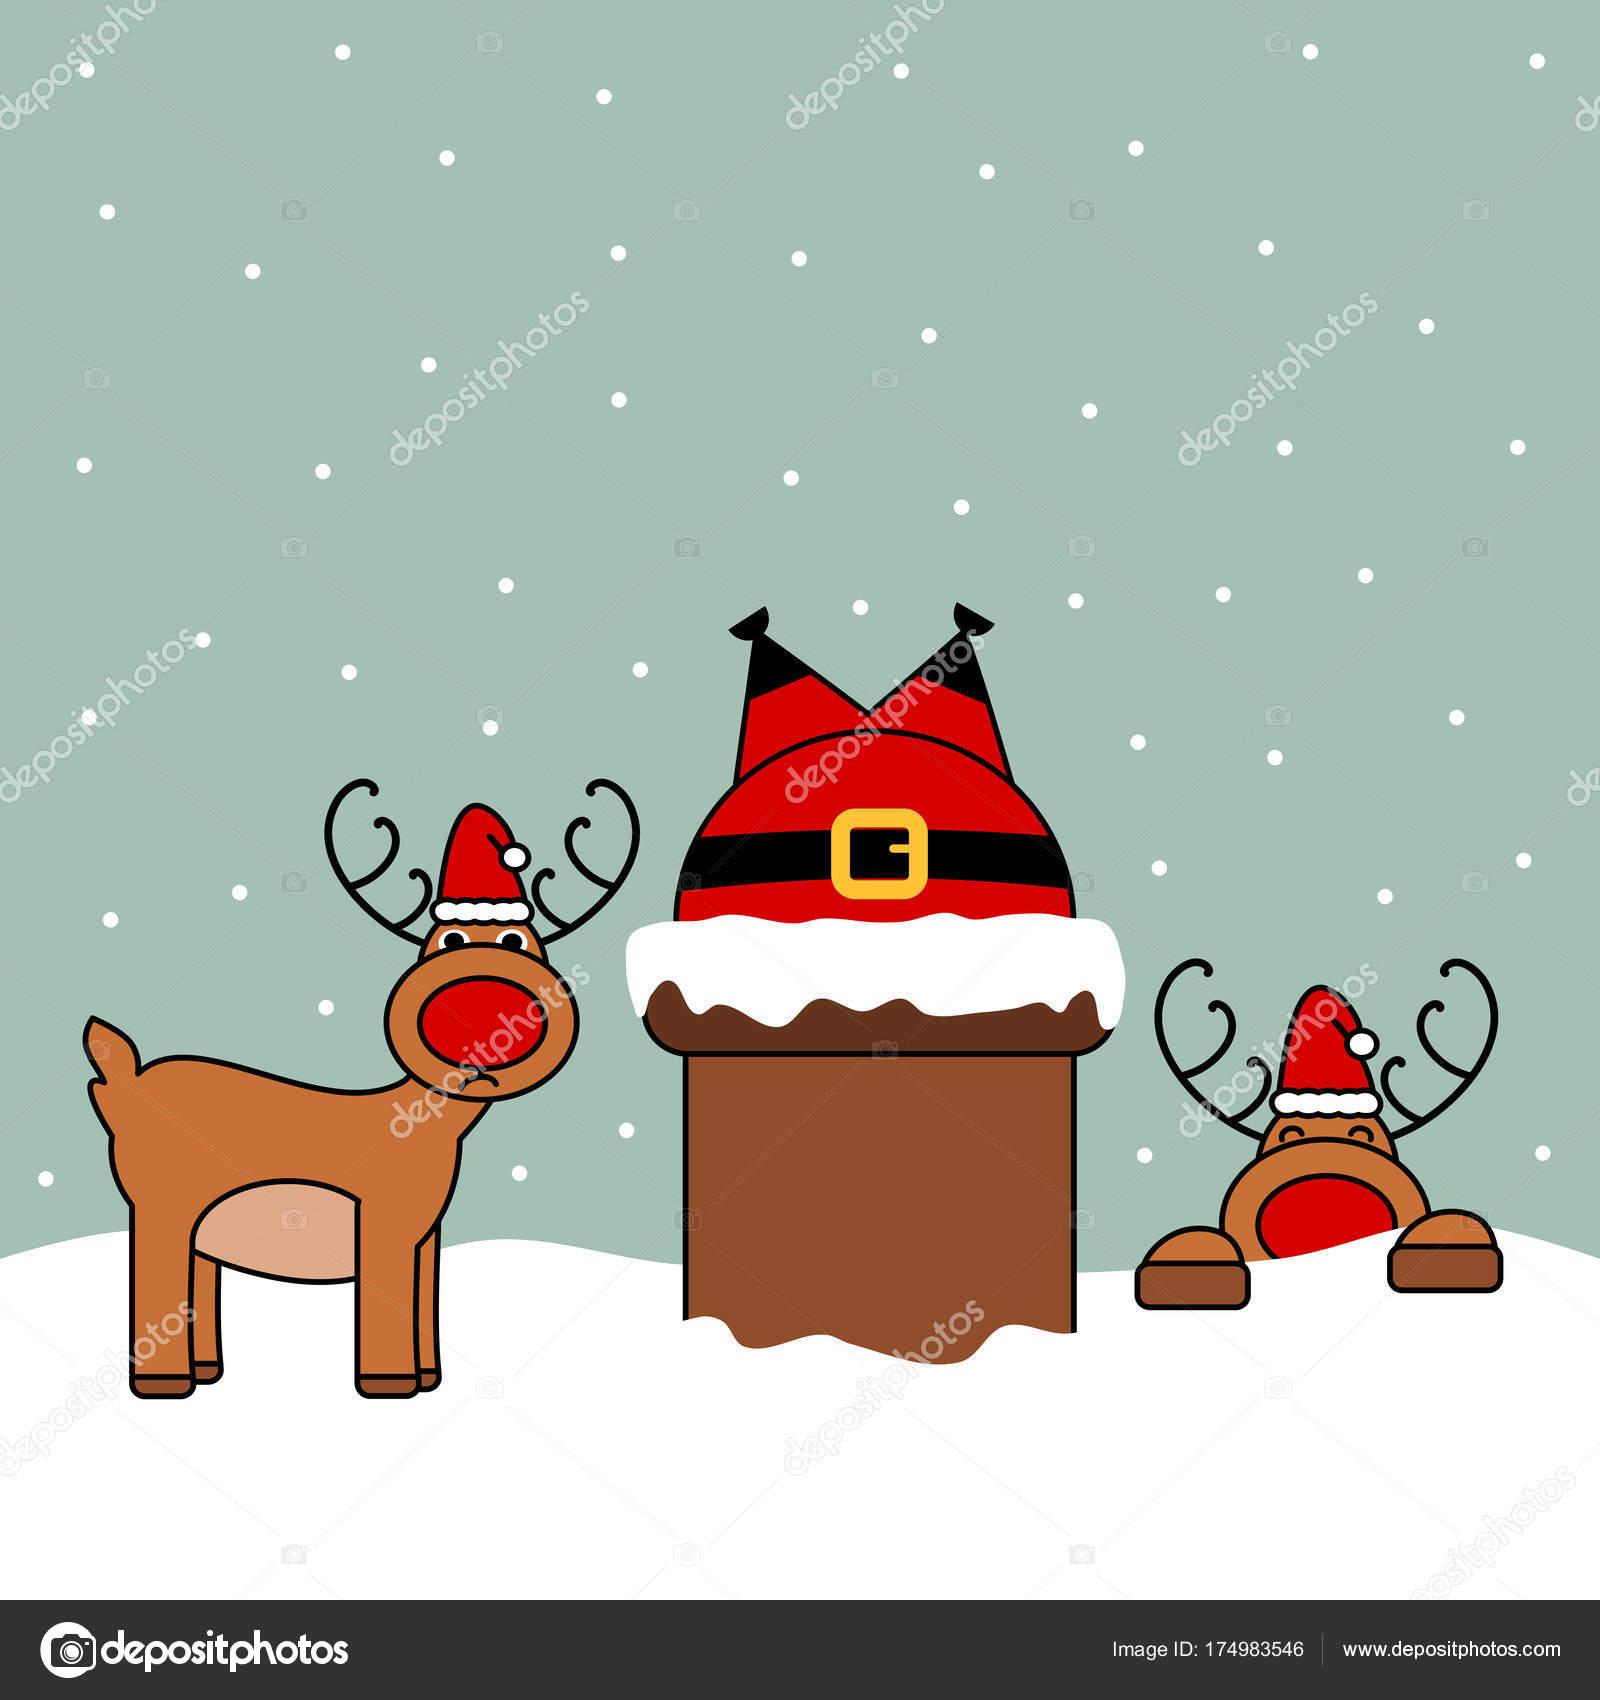 Lustige Weihnachten Bilder.Niedlichen Cartoon Vektor Weihnachtsmann Schornstein Lustige